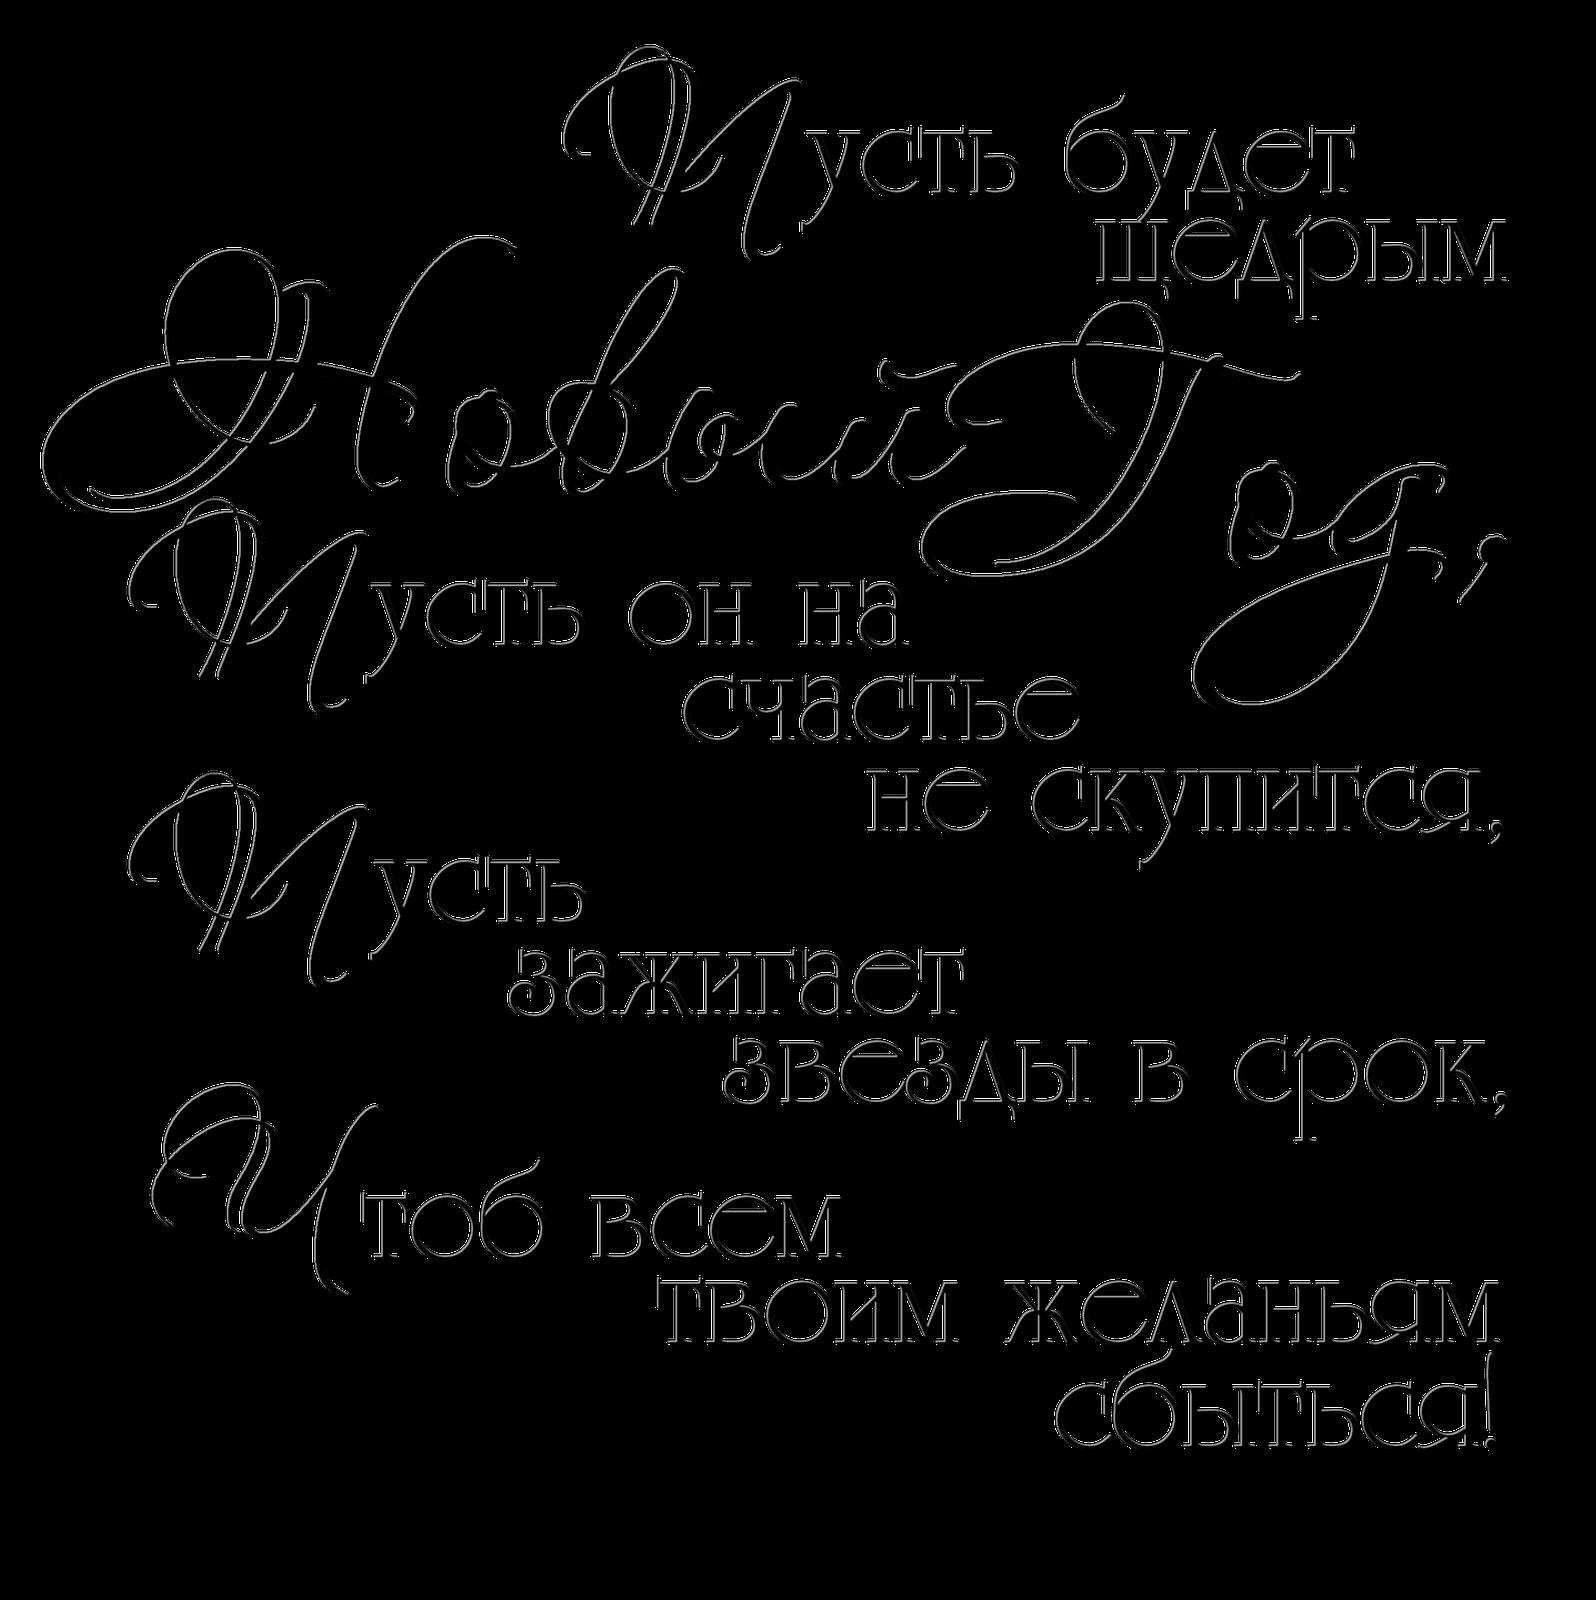 Новогодние поздравления красивым шрифтом на белом фоне